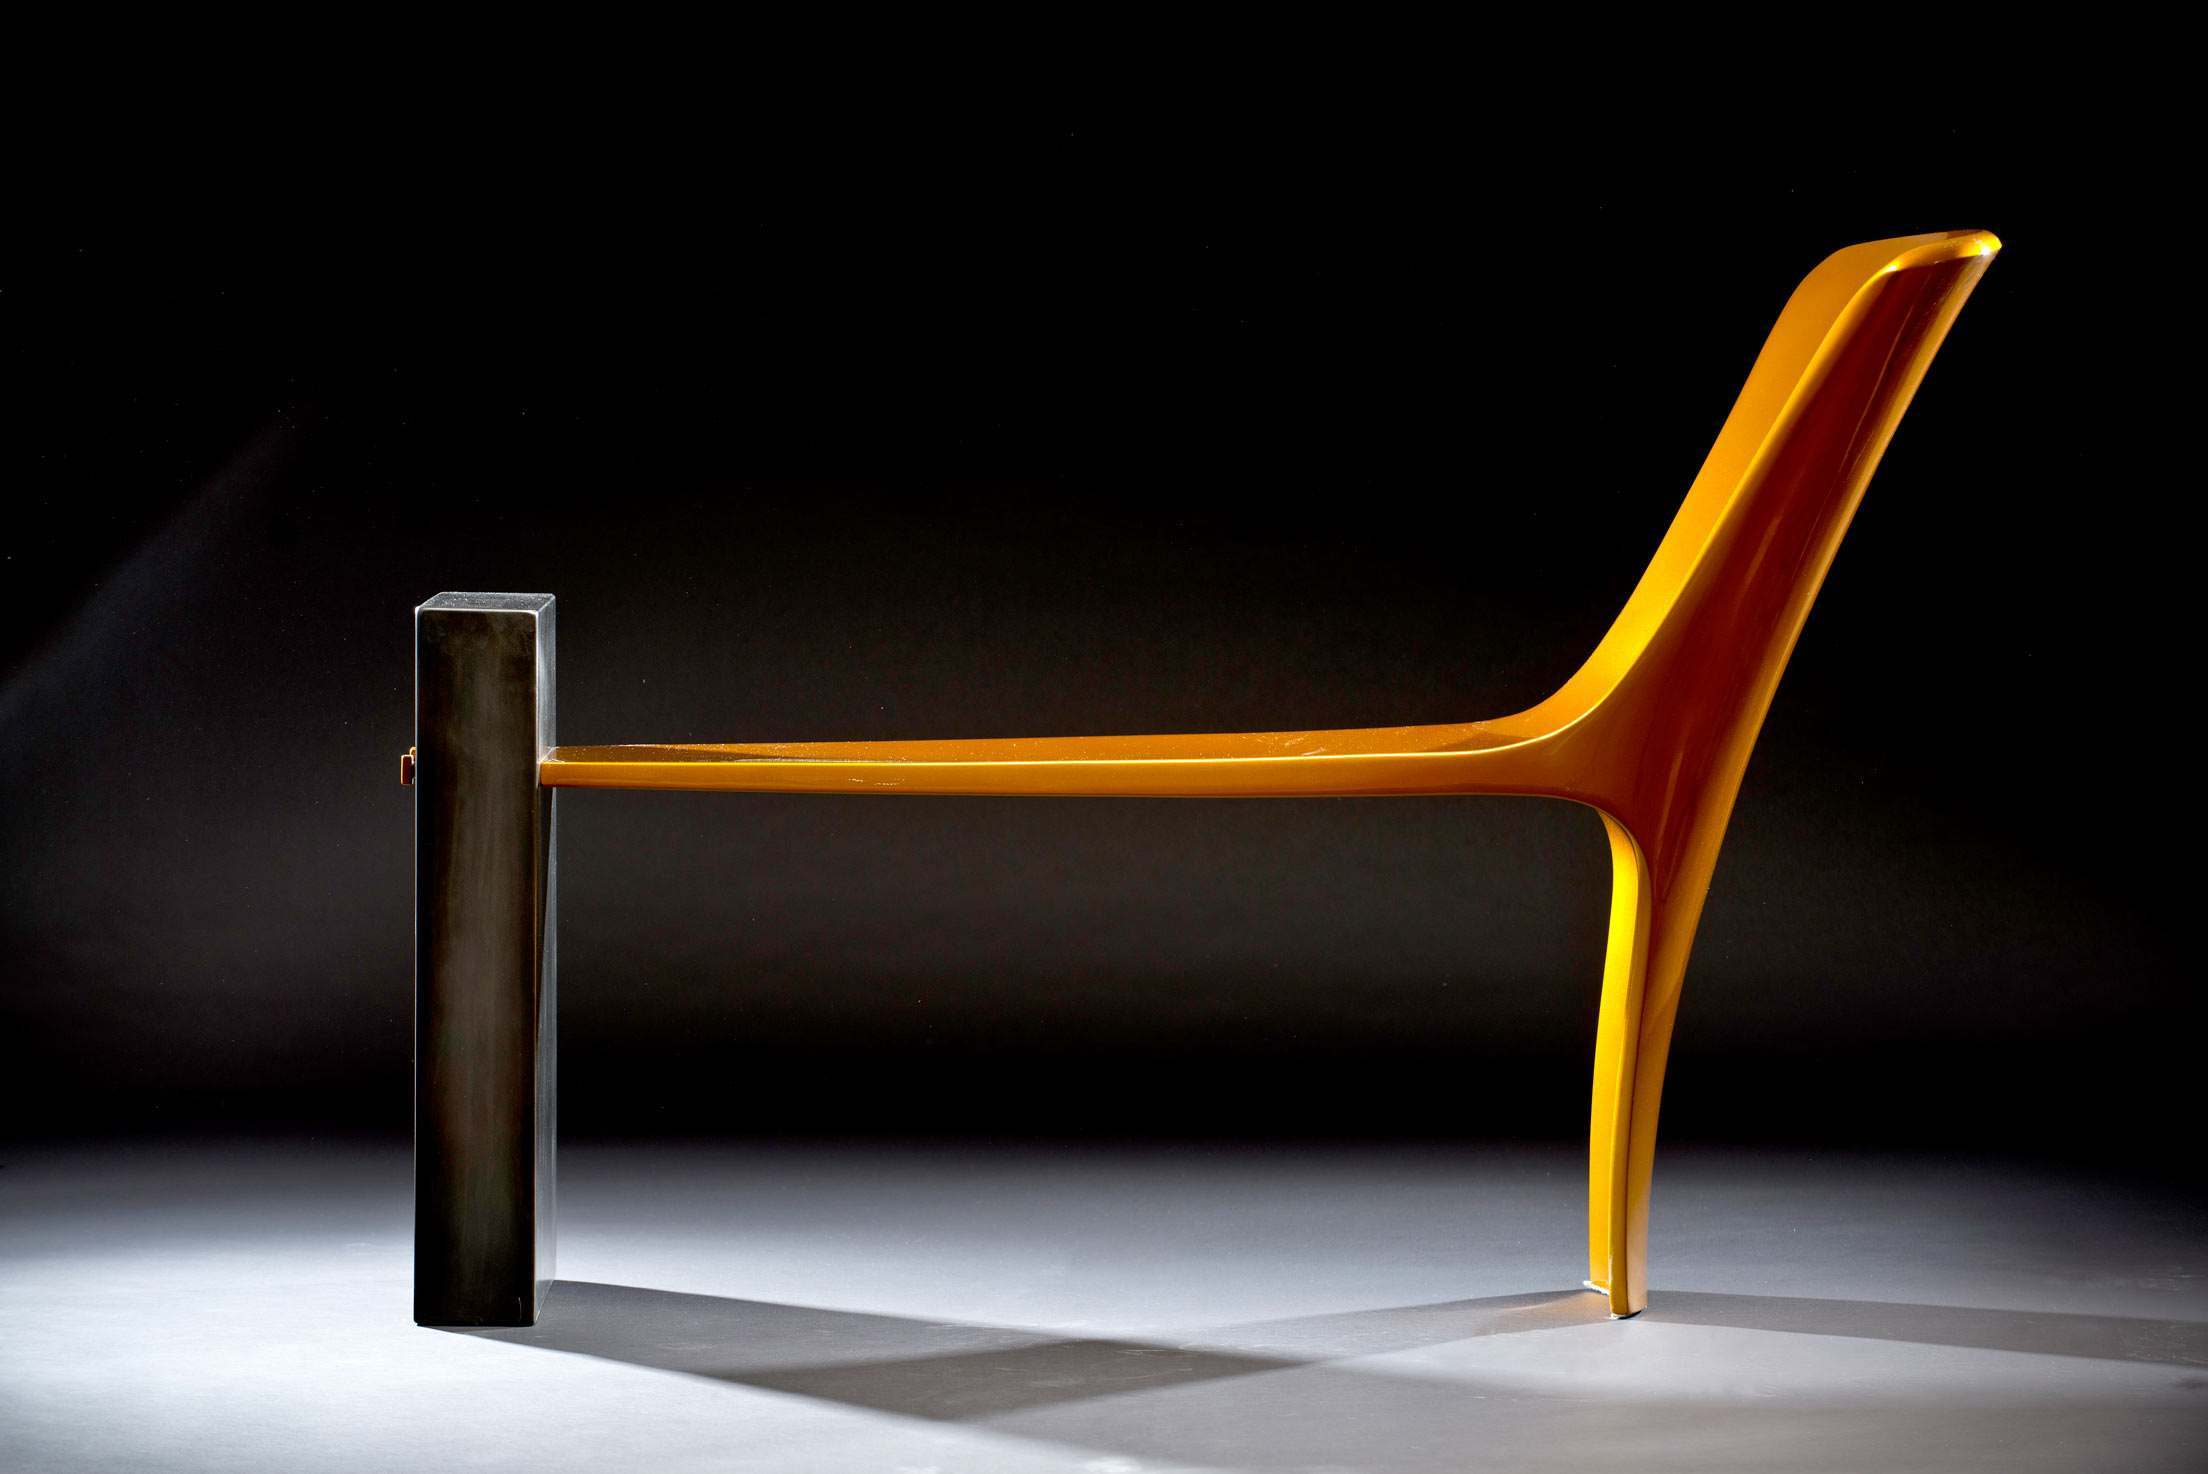 Contemporary bench by Vivian Beer